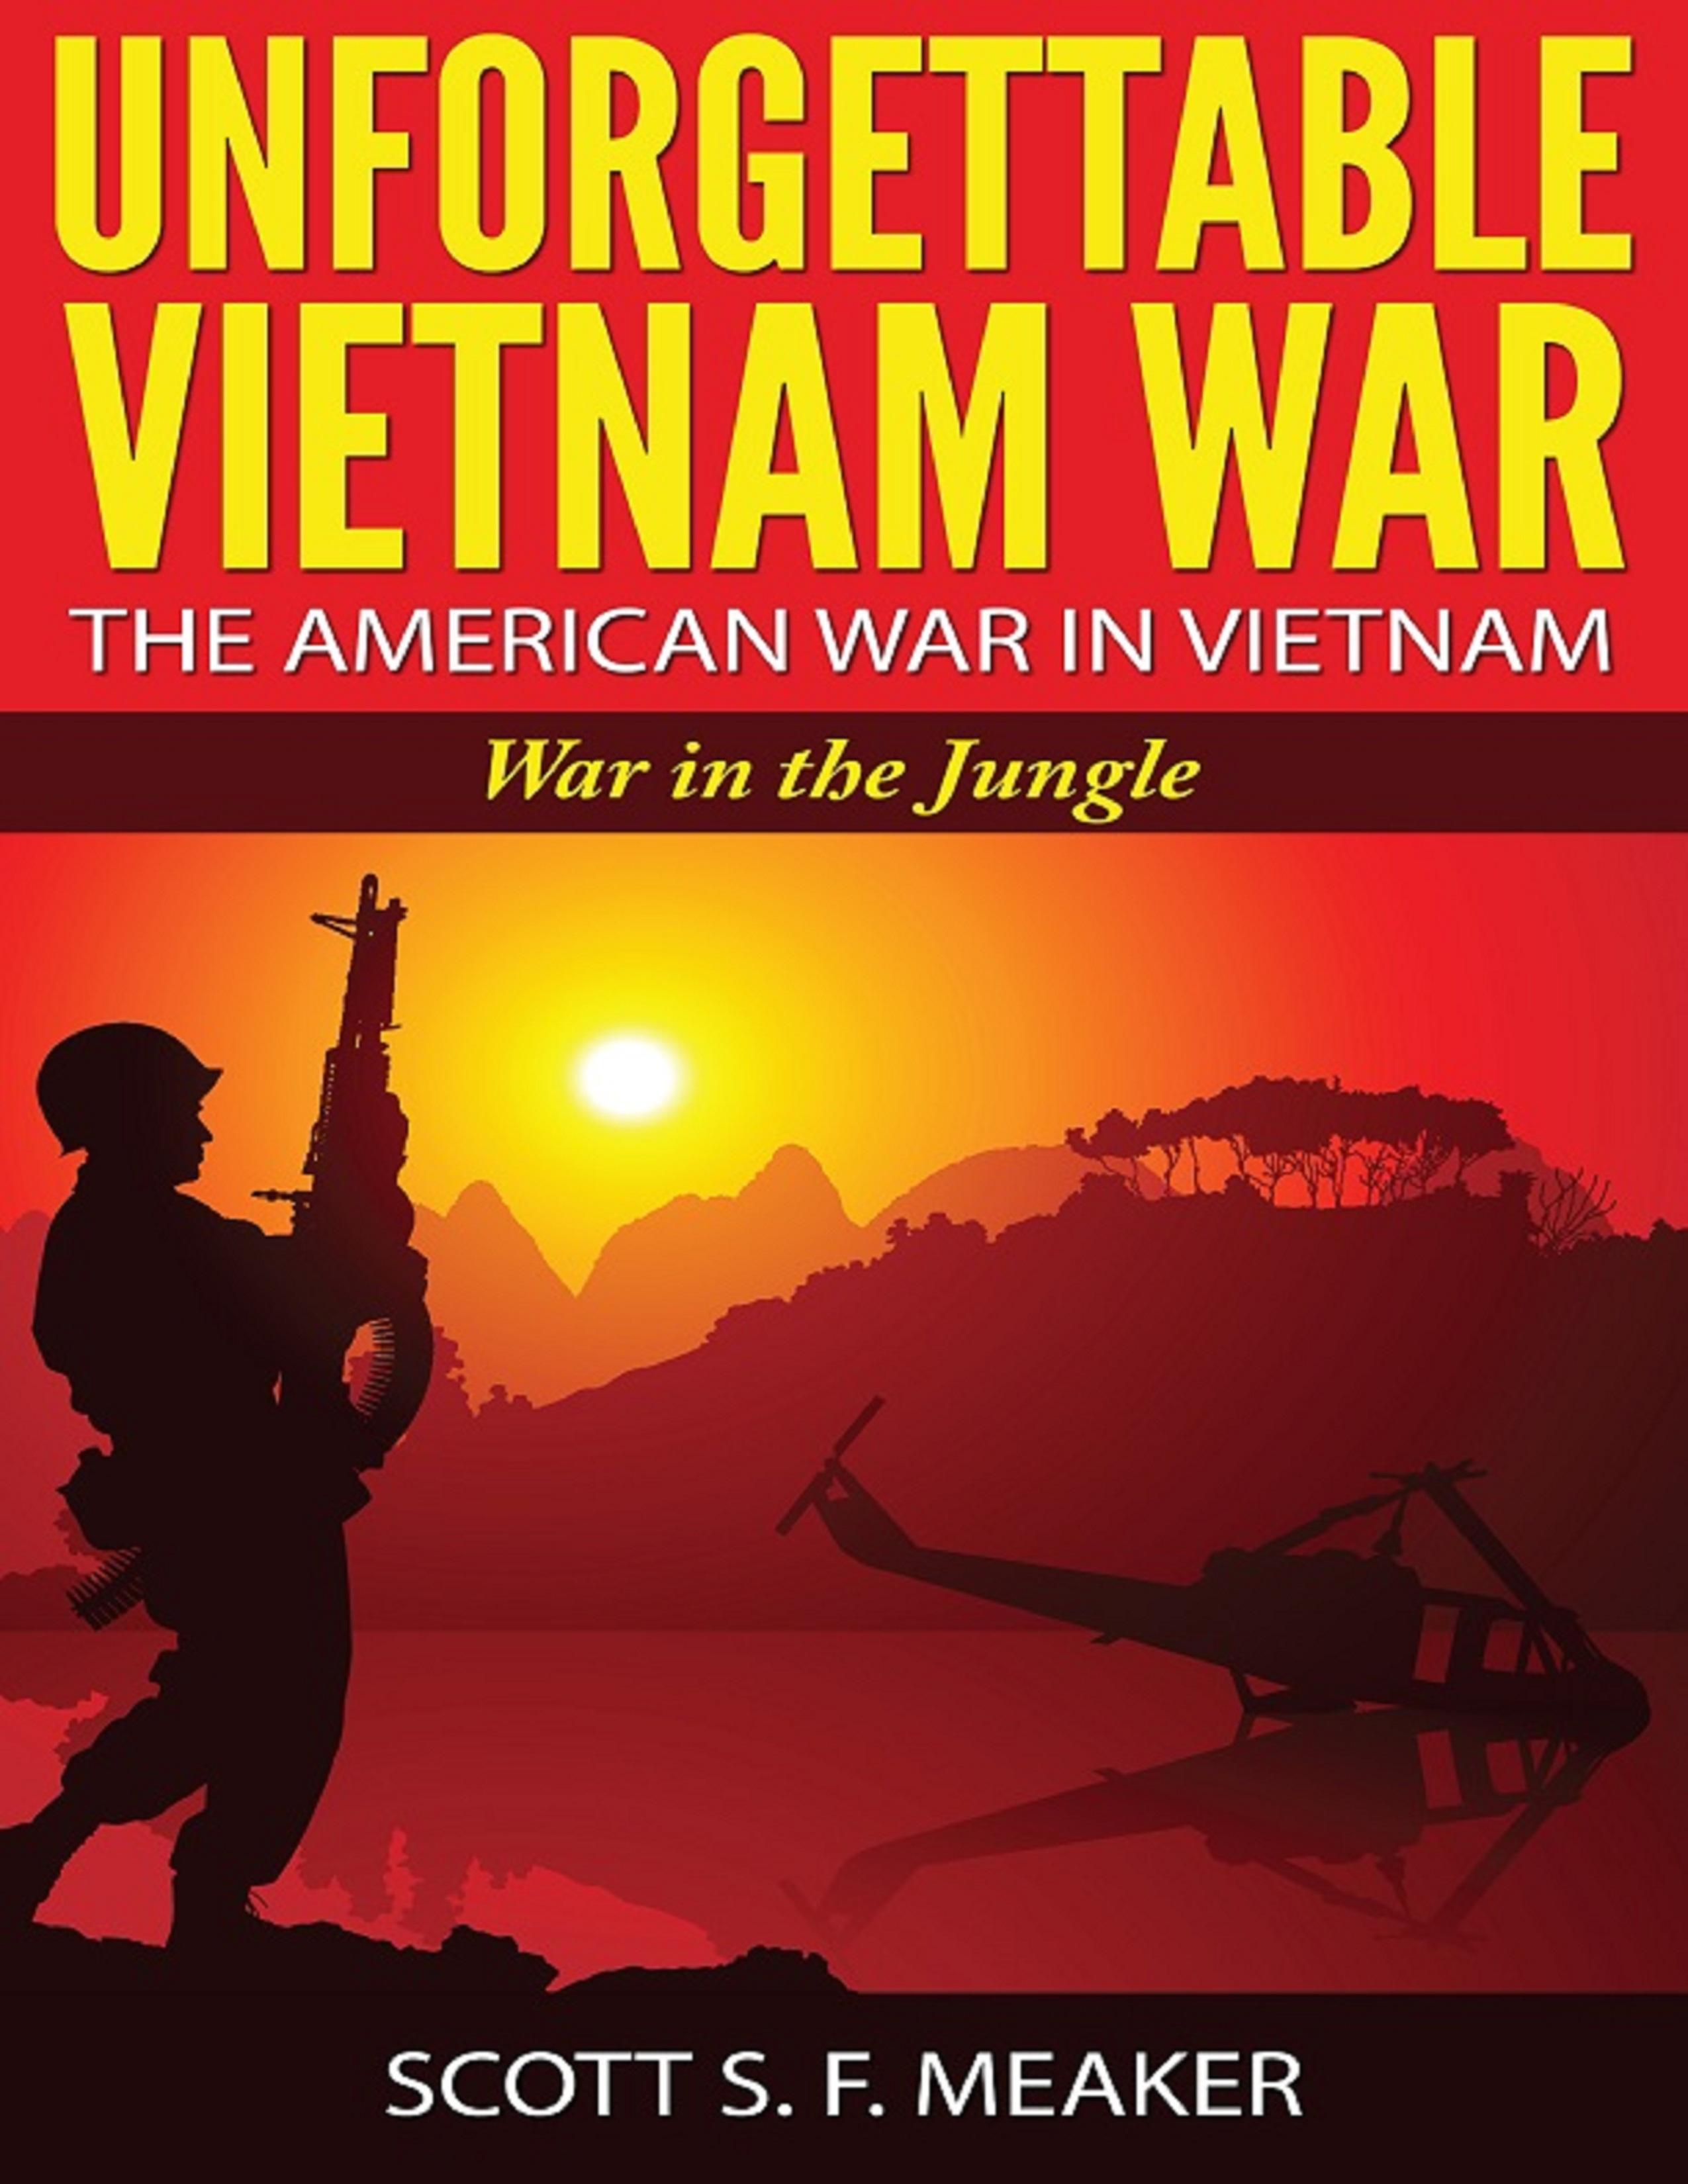 Unforgettable vietnam war: the american war in vietnam - war in the jungle